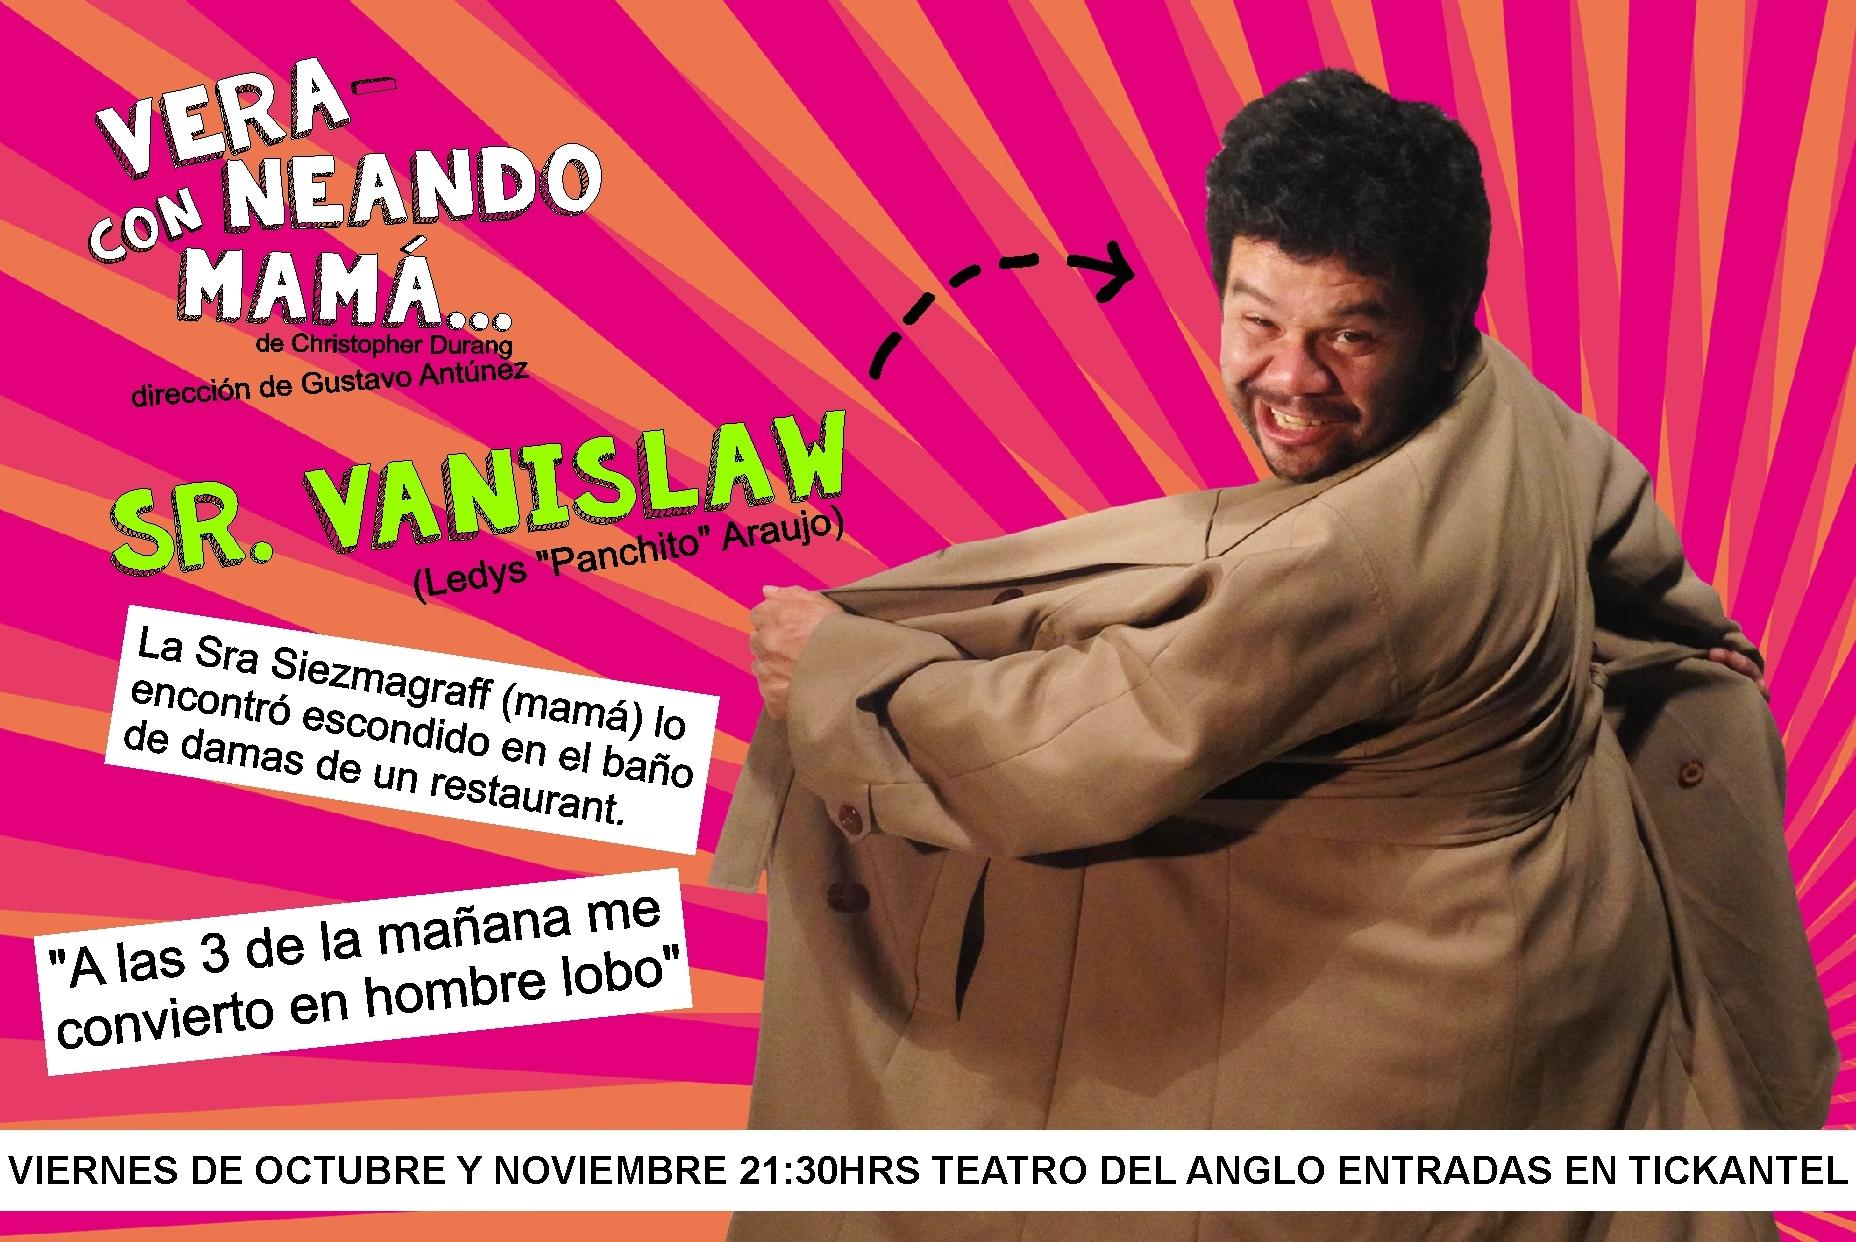 Vanislaw promo